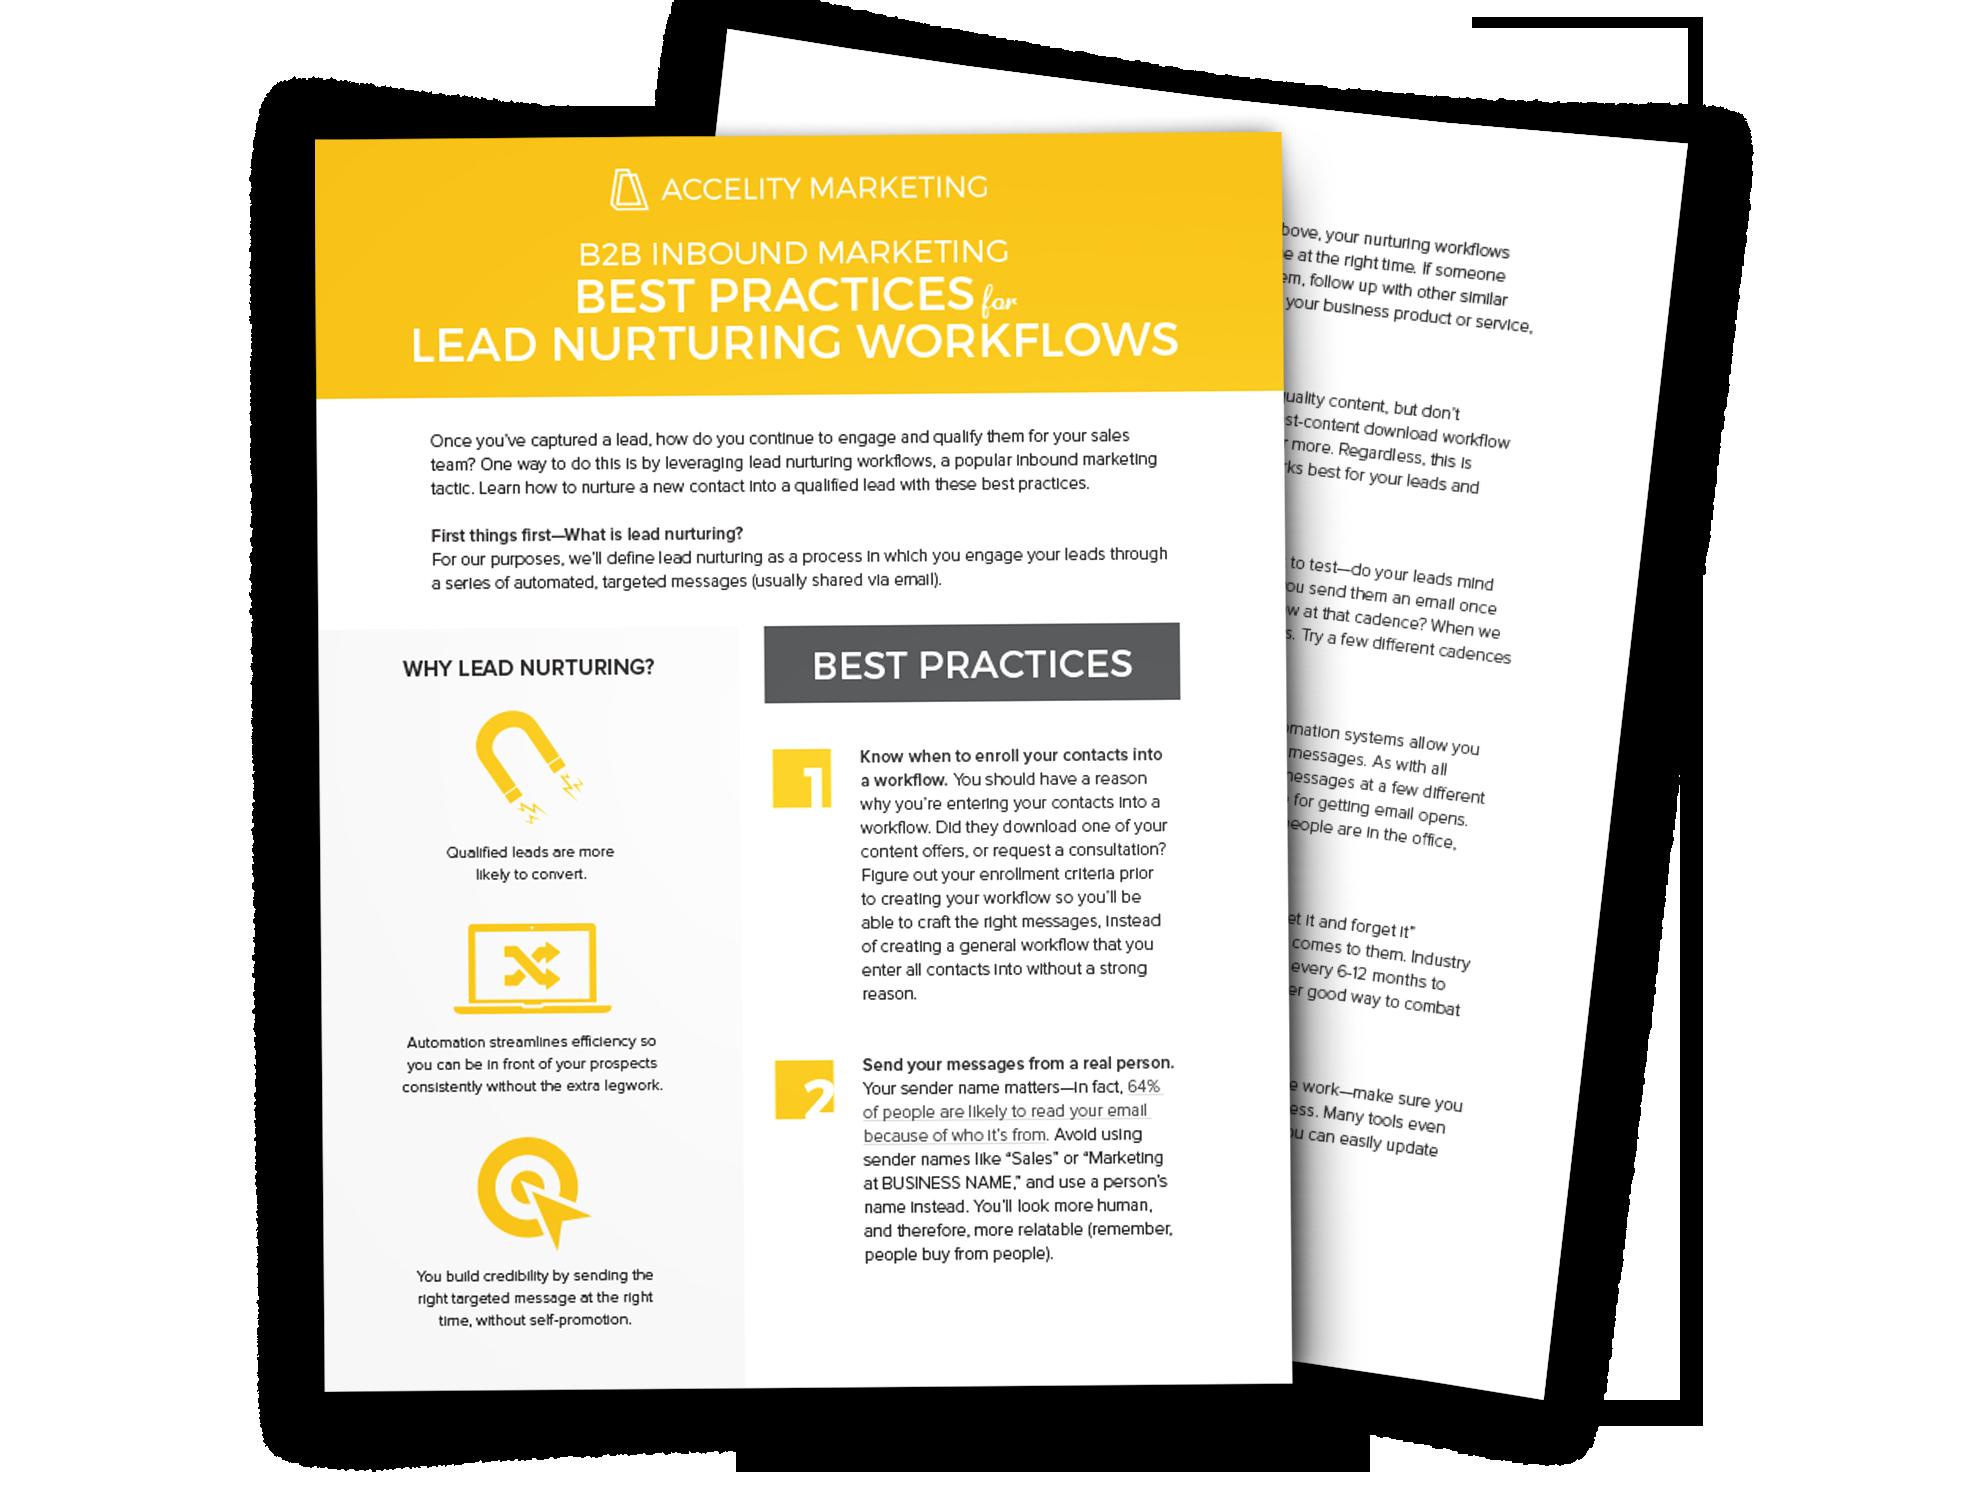 B2B Lead Nurturing Workflows Checklist